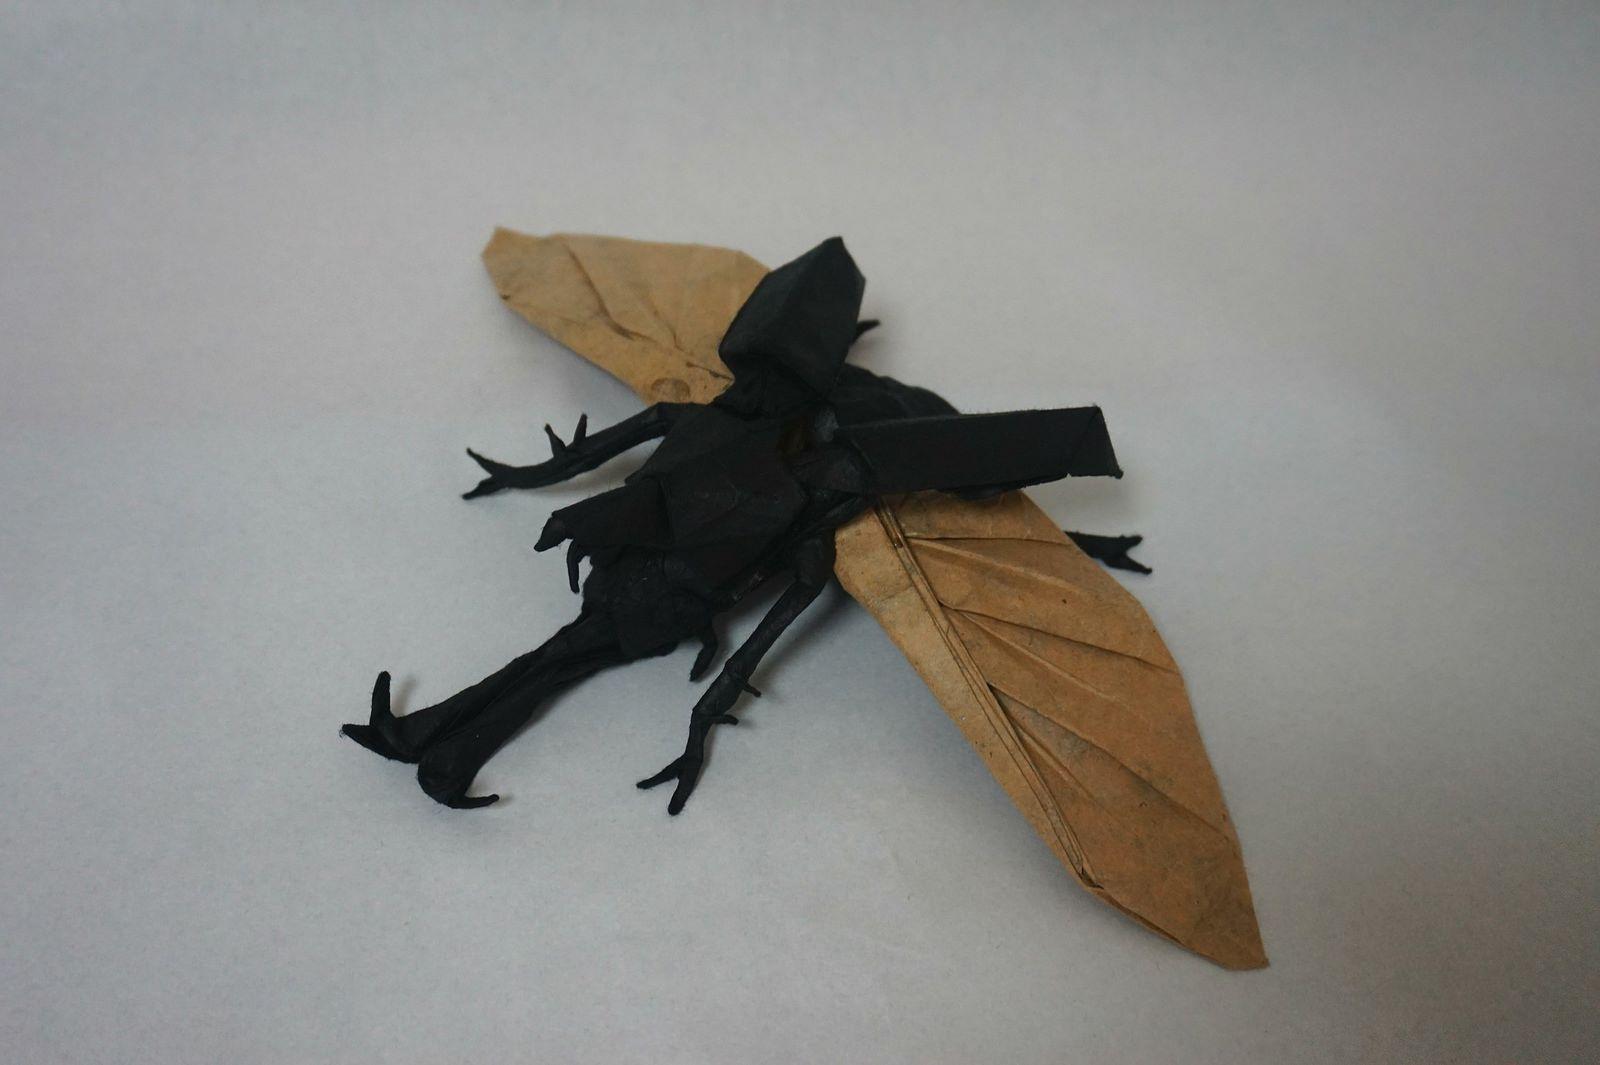 Shuki Kato - Flying Kabutomushi | by Kim, Kyoung Su